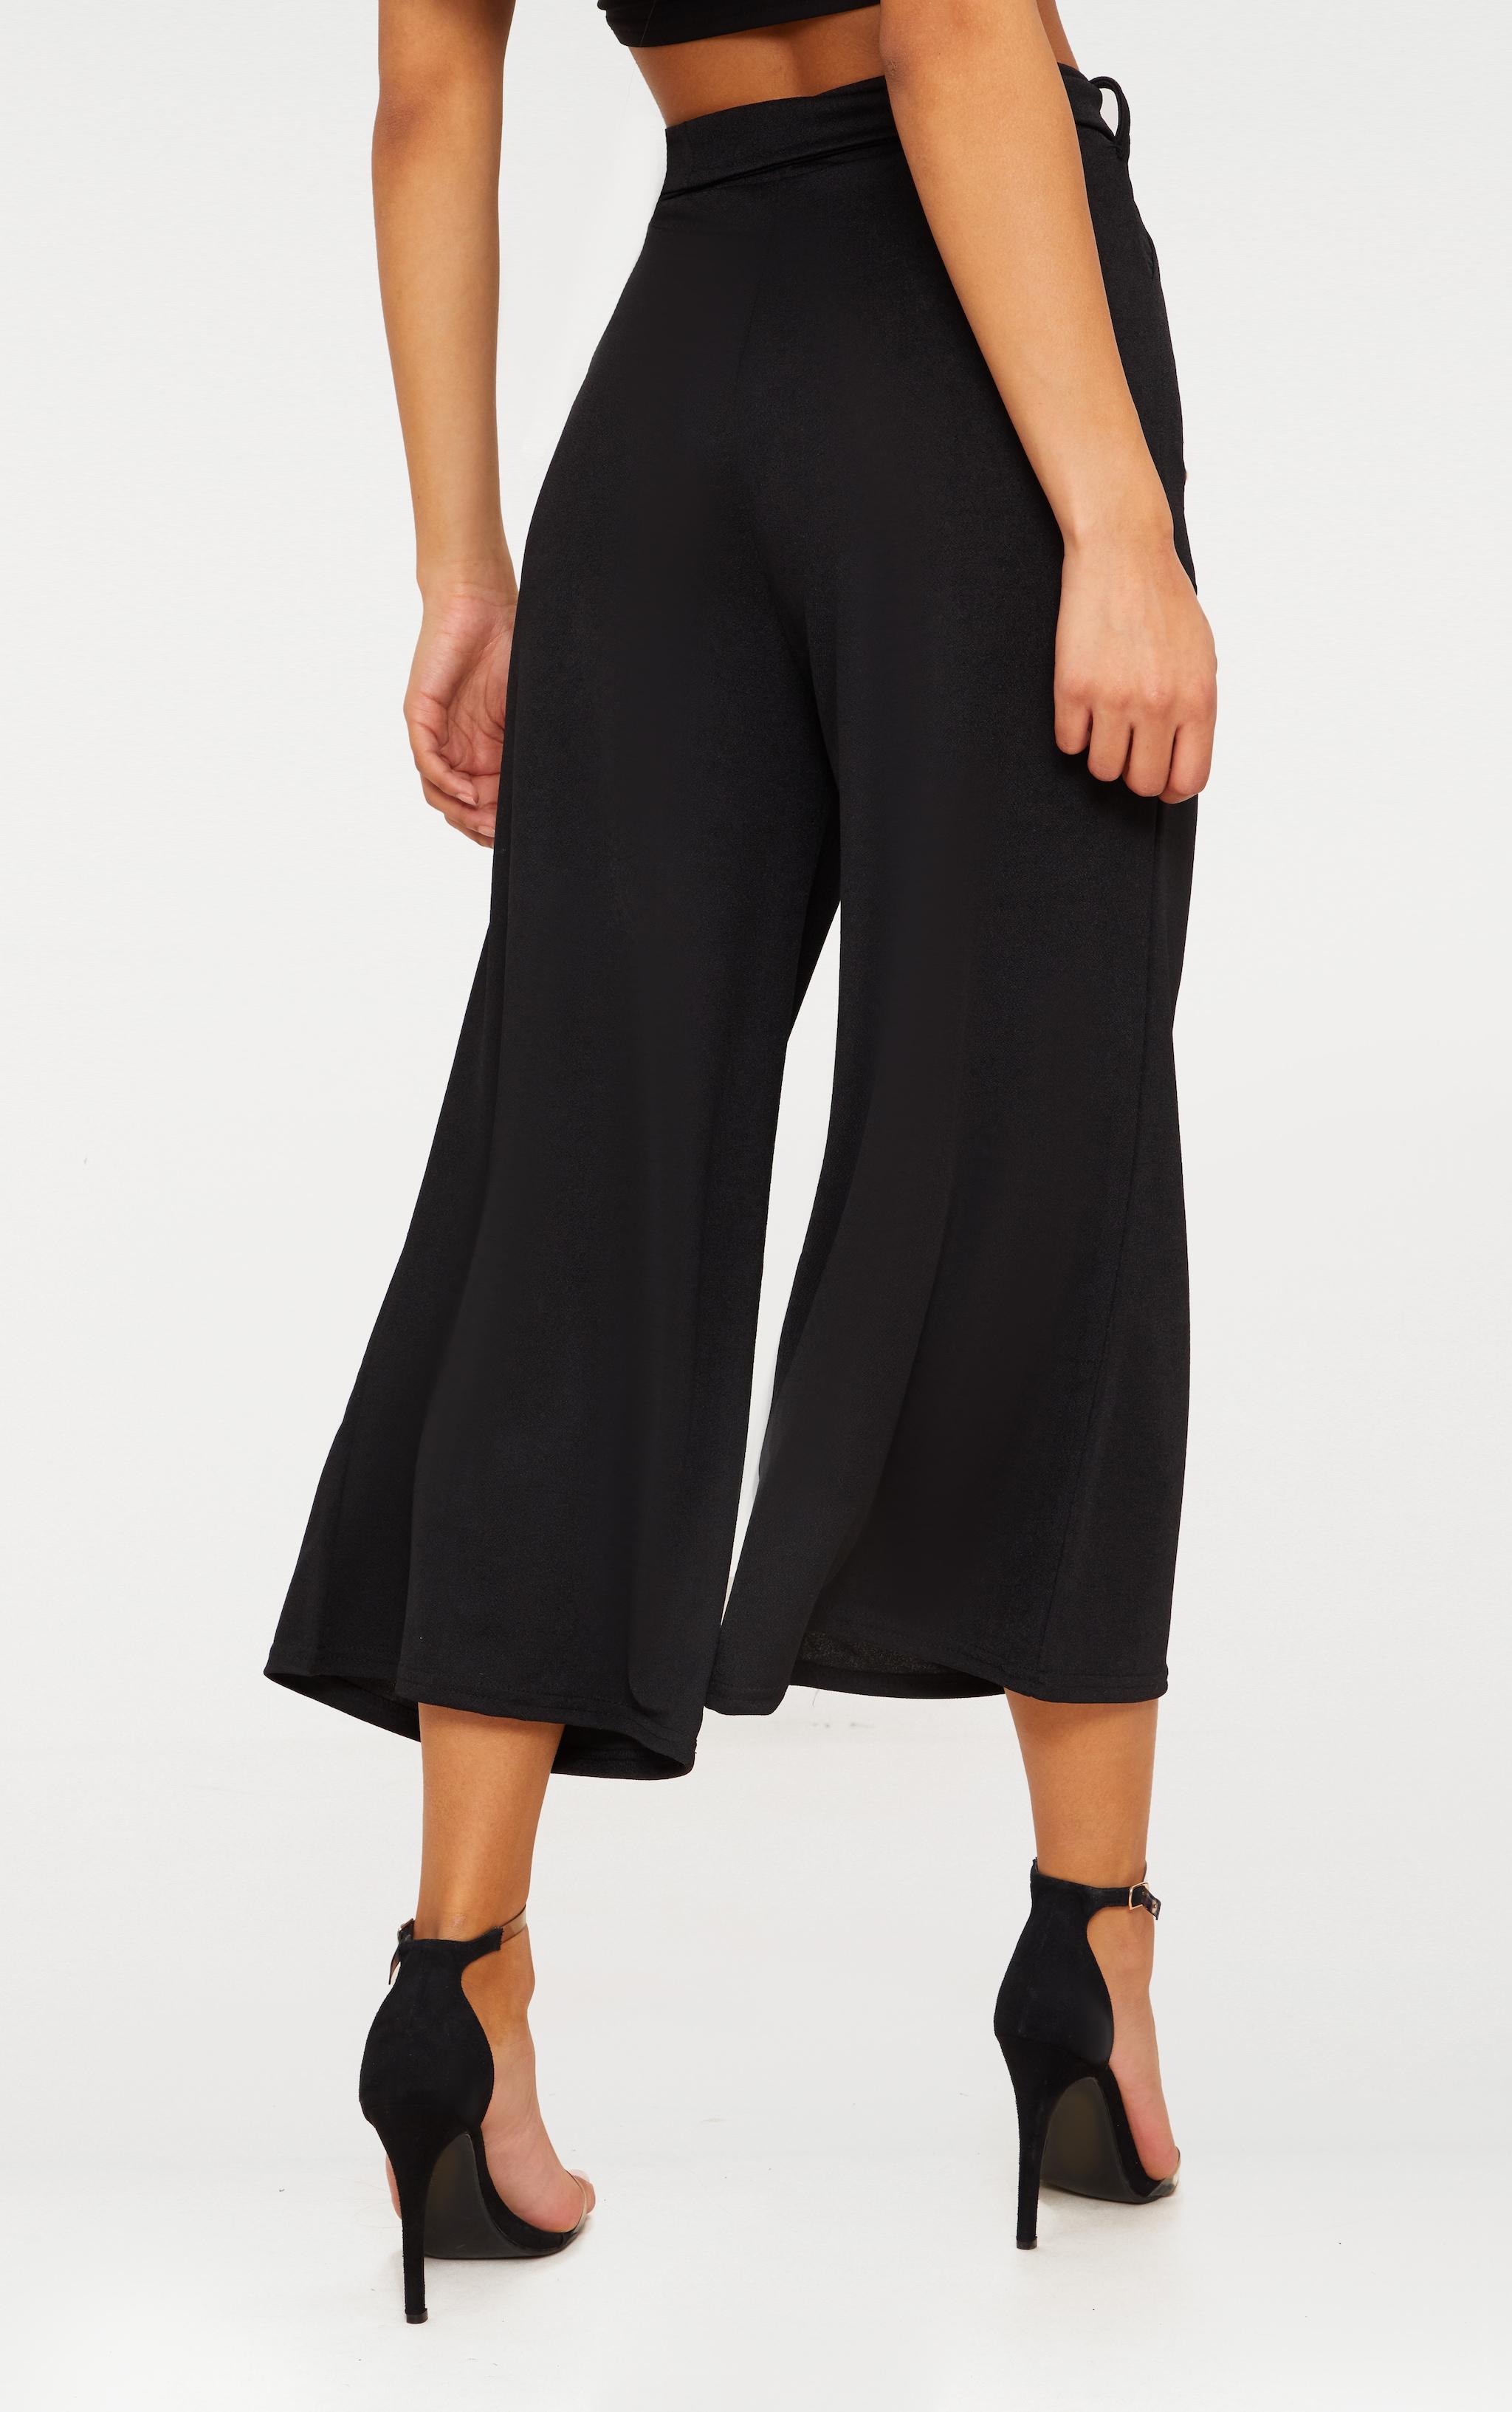 Jupe-culotte noire avec attache à la taille  4